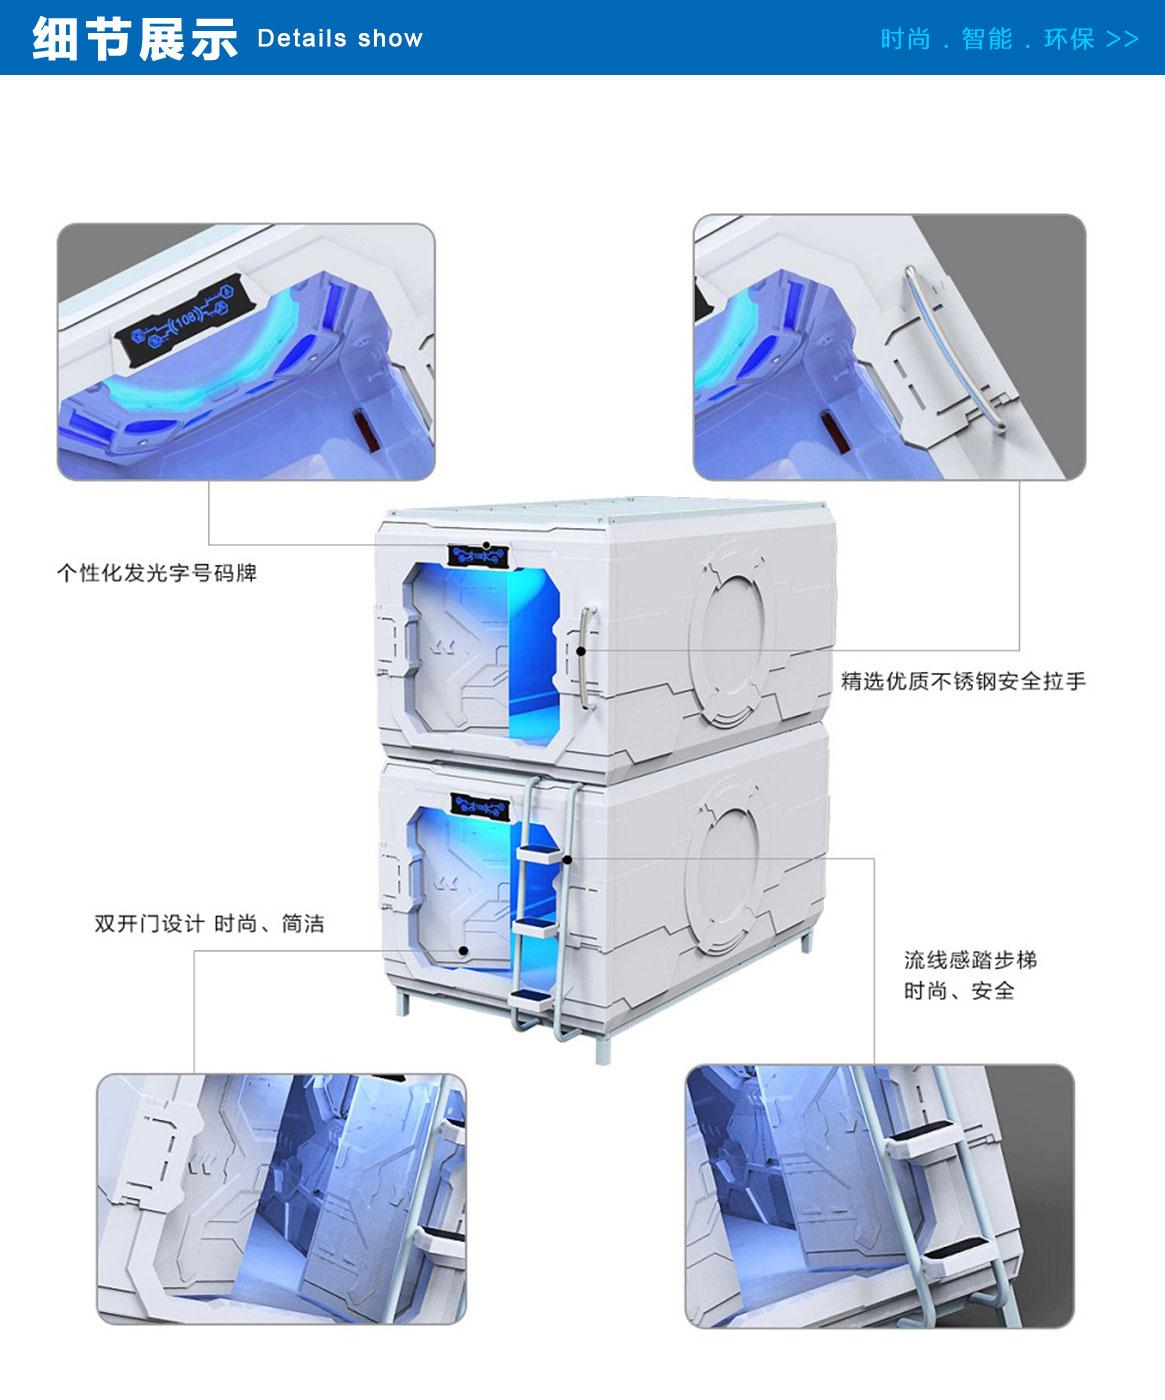 太空艙細節